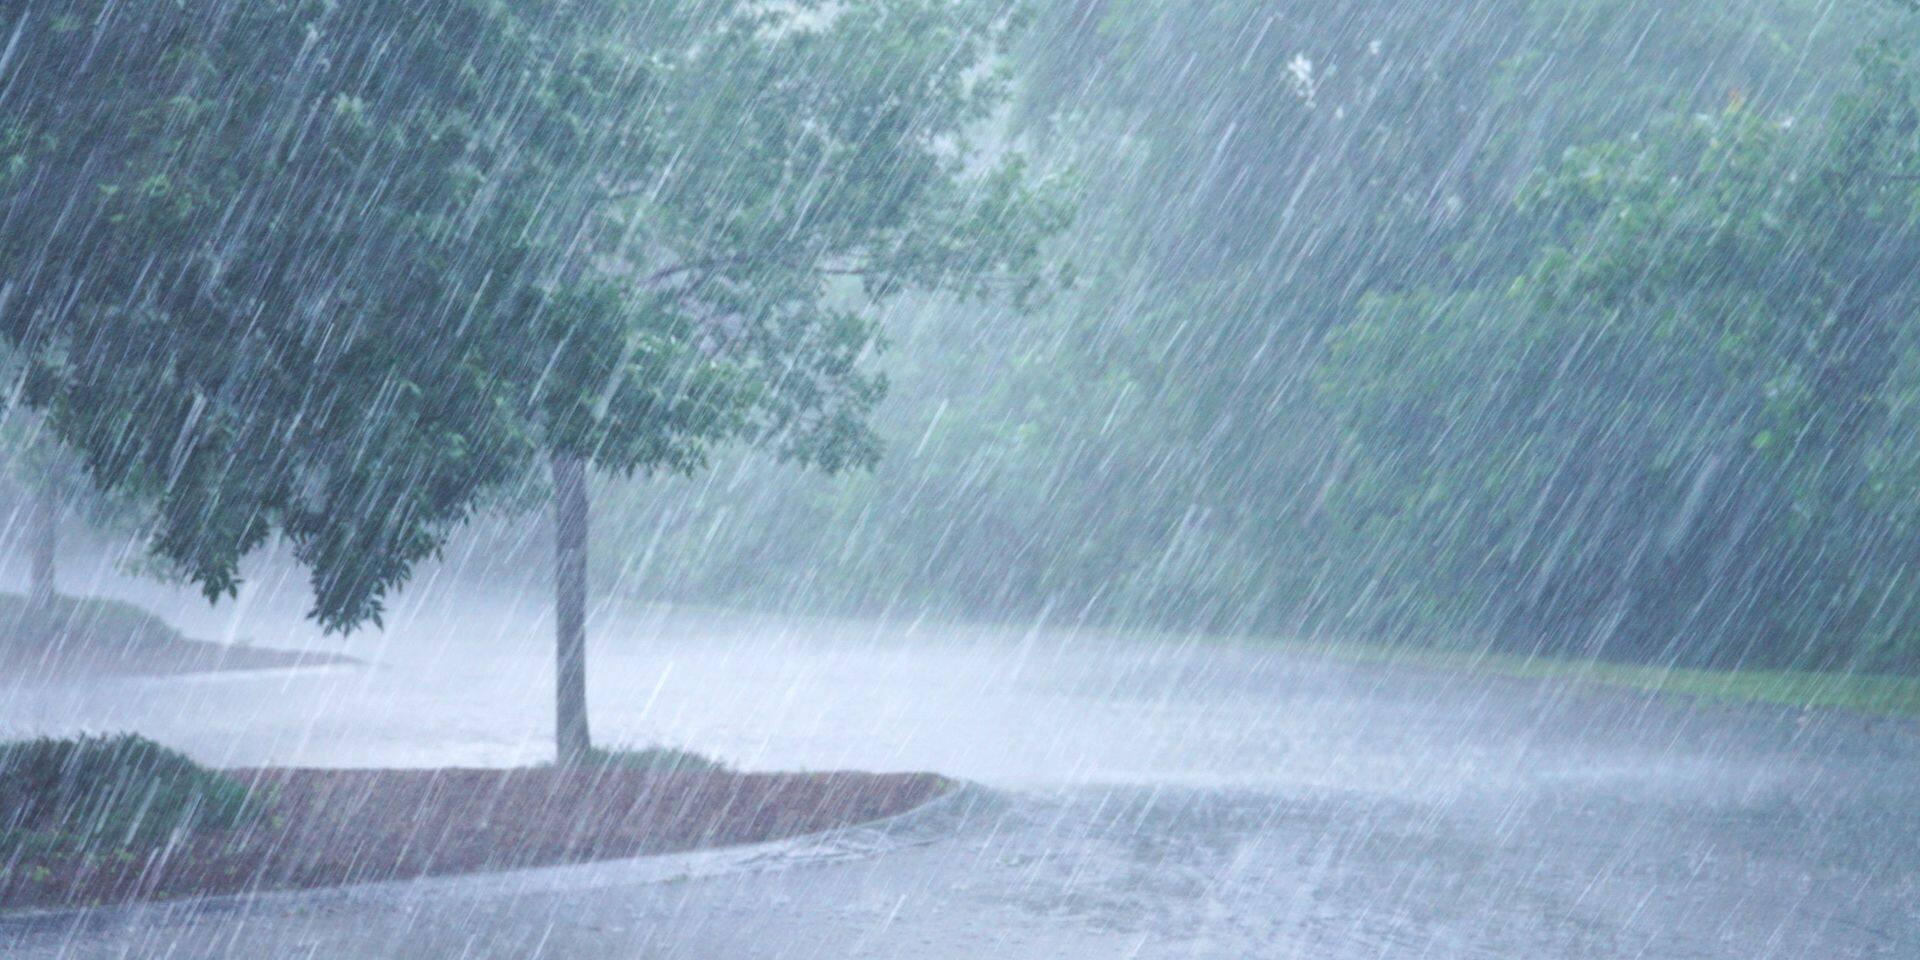 L'IRM prévoit de fortes pluies sur le sud du pays, 3 provinces en code jaune